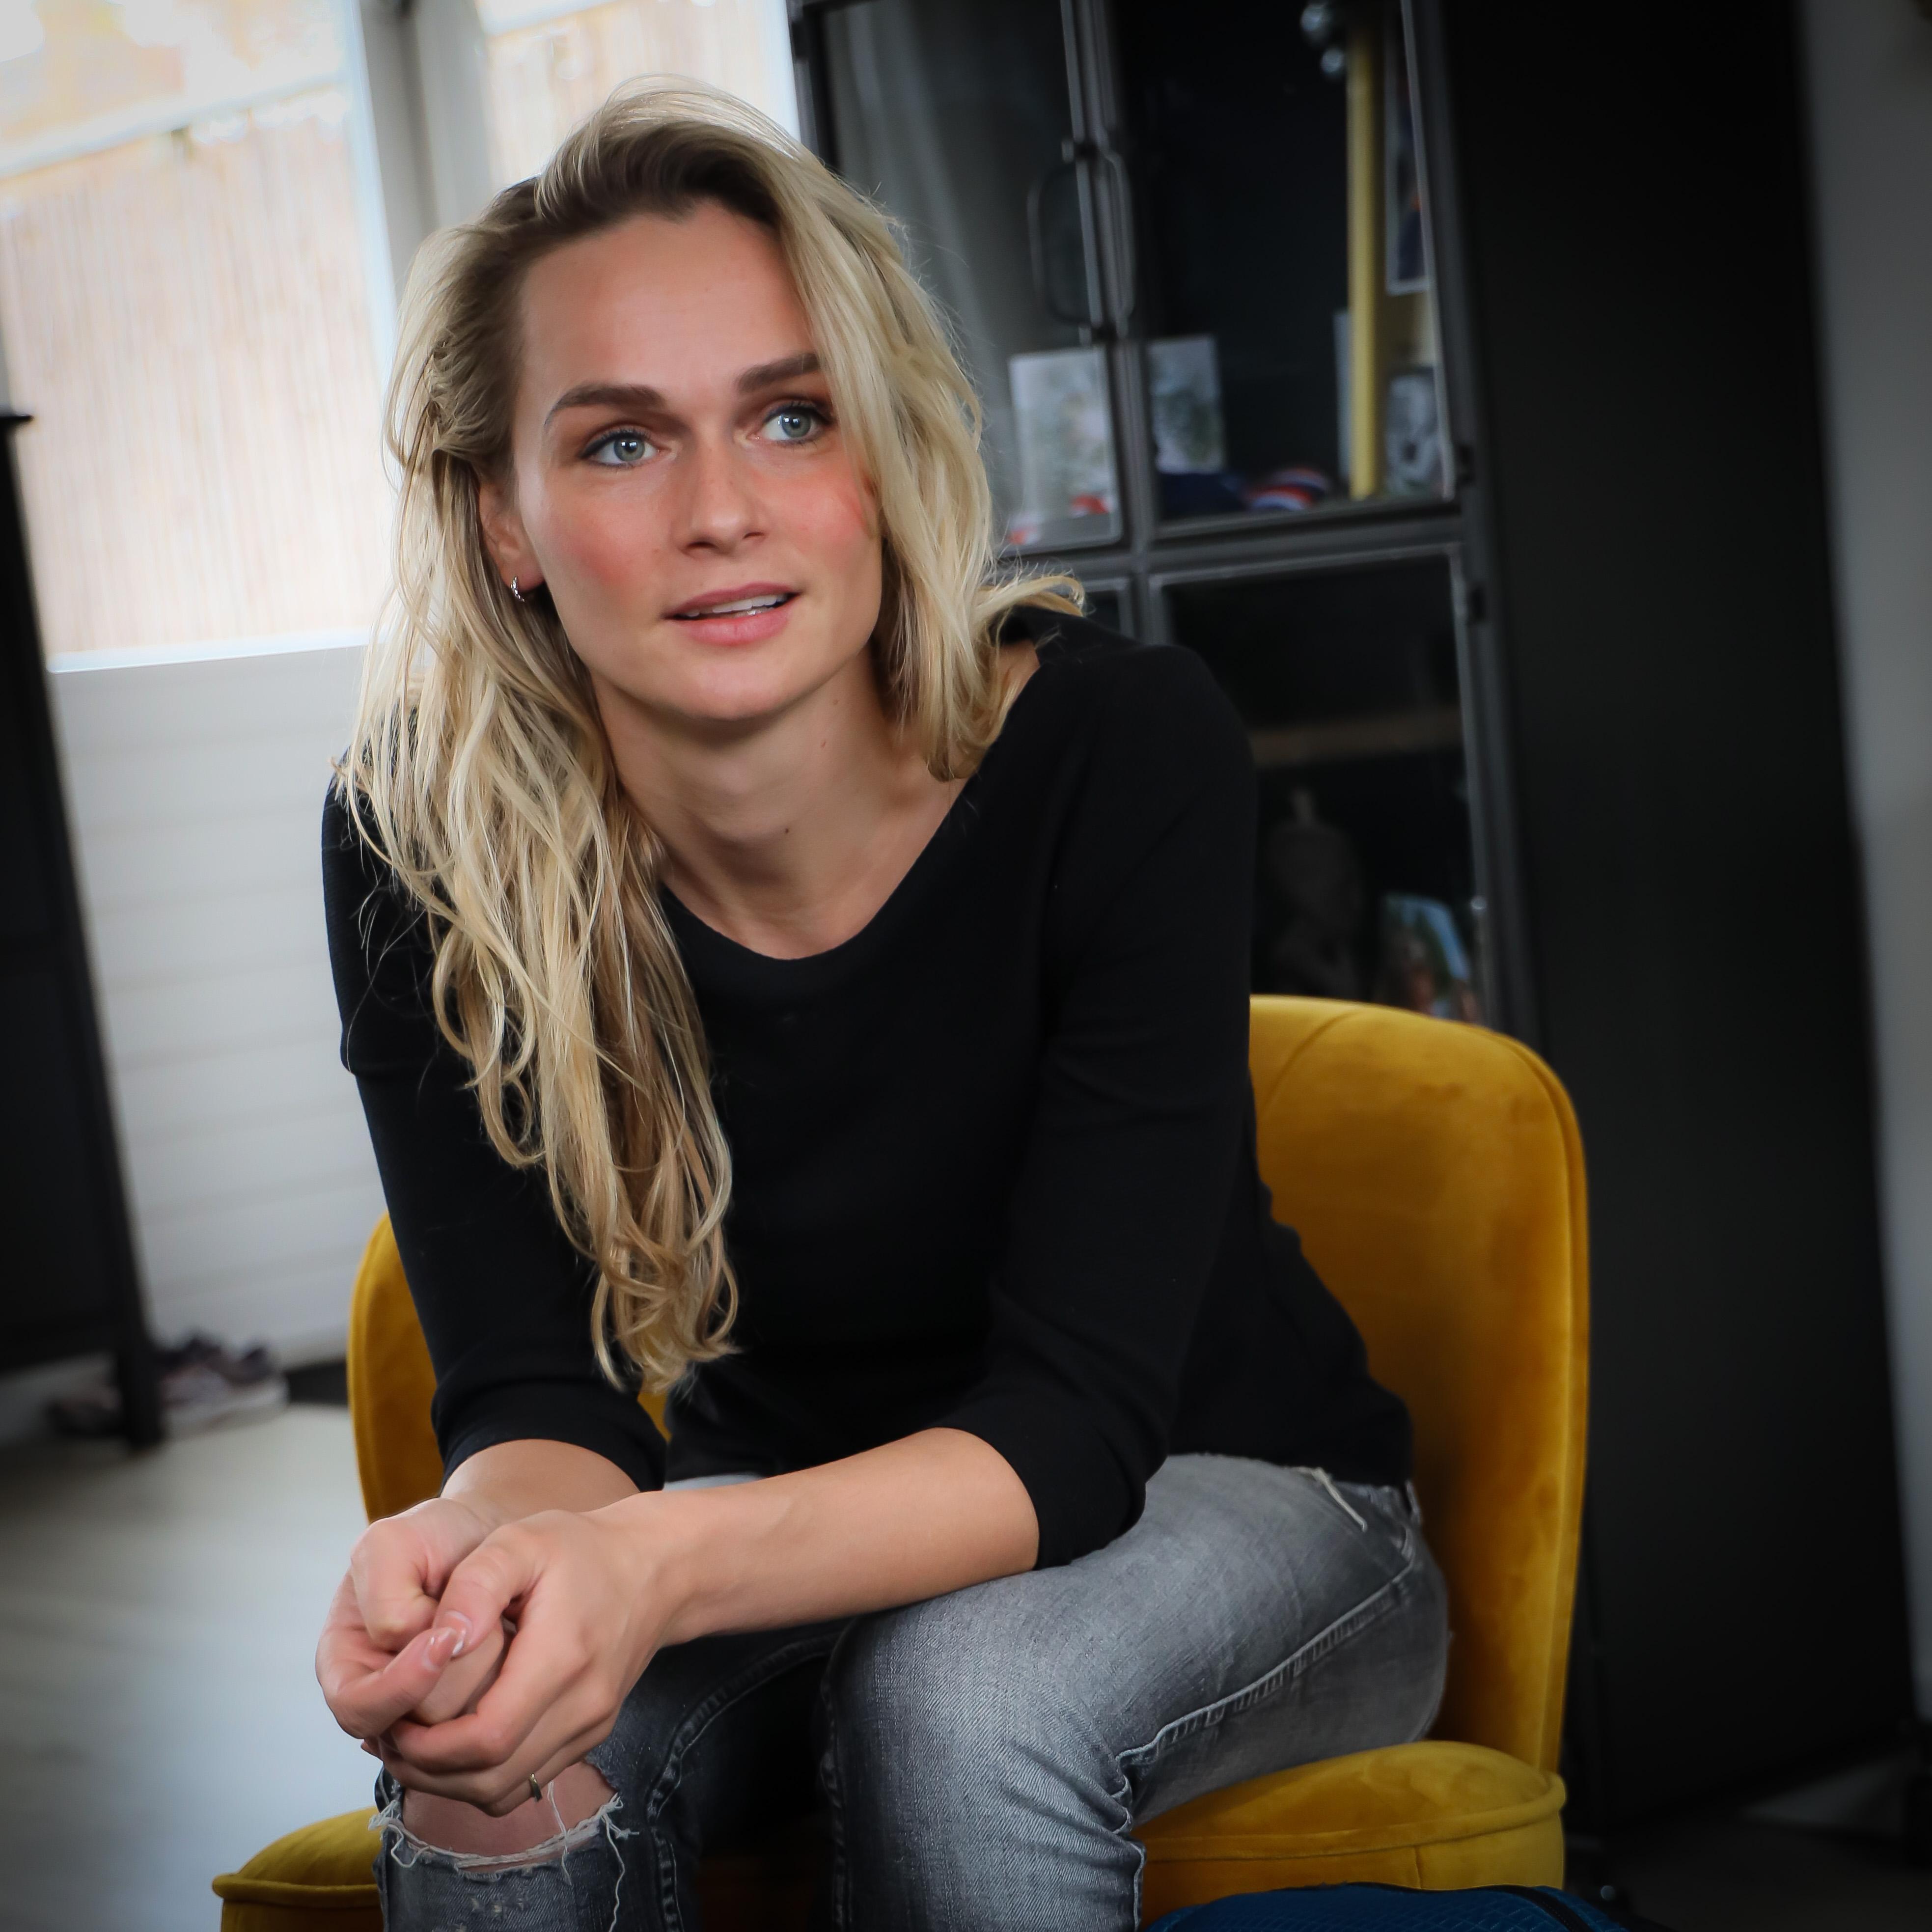 De liefde helpt schaatsster Irene Schouten altijd